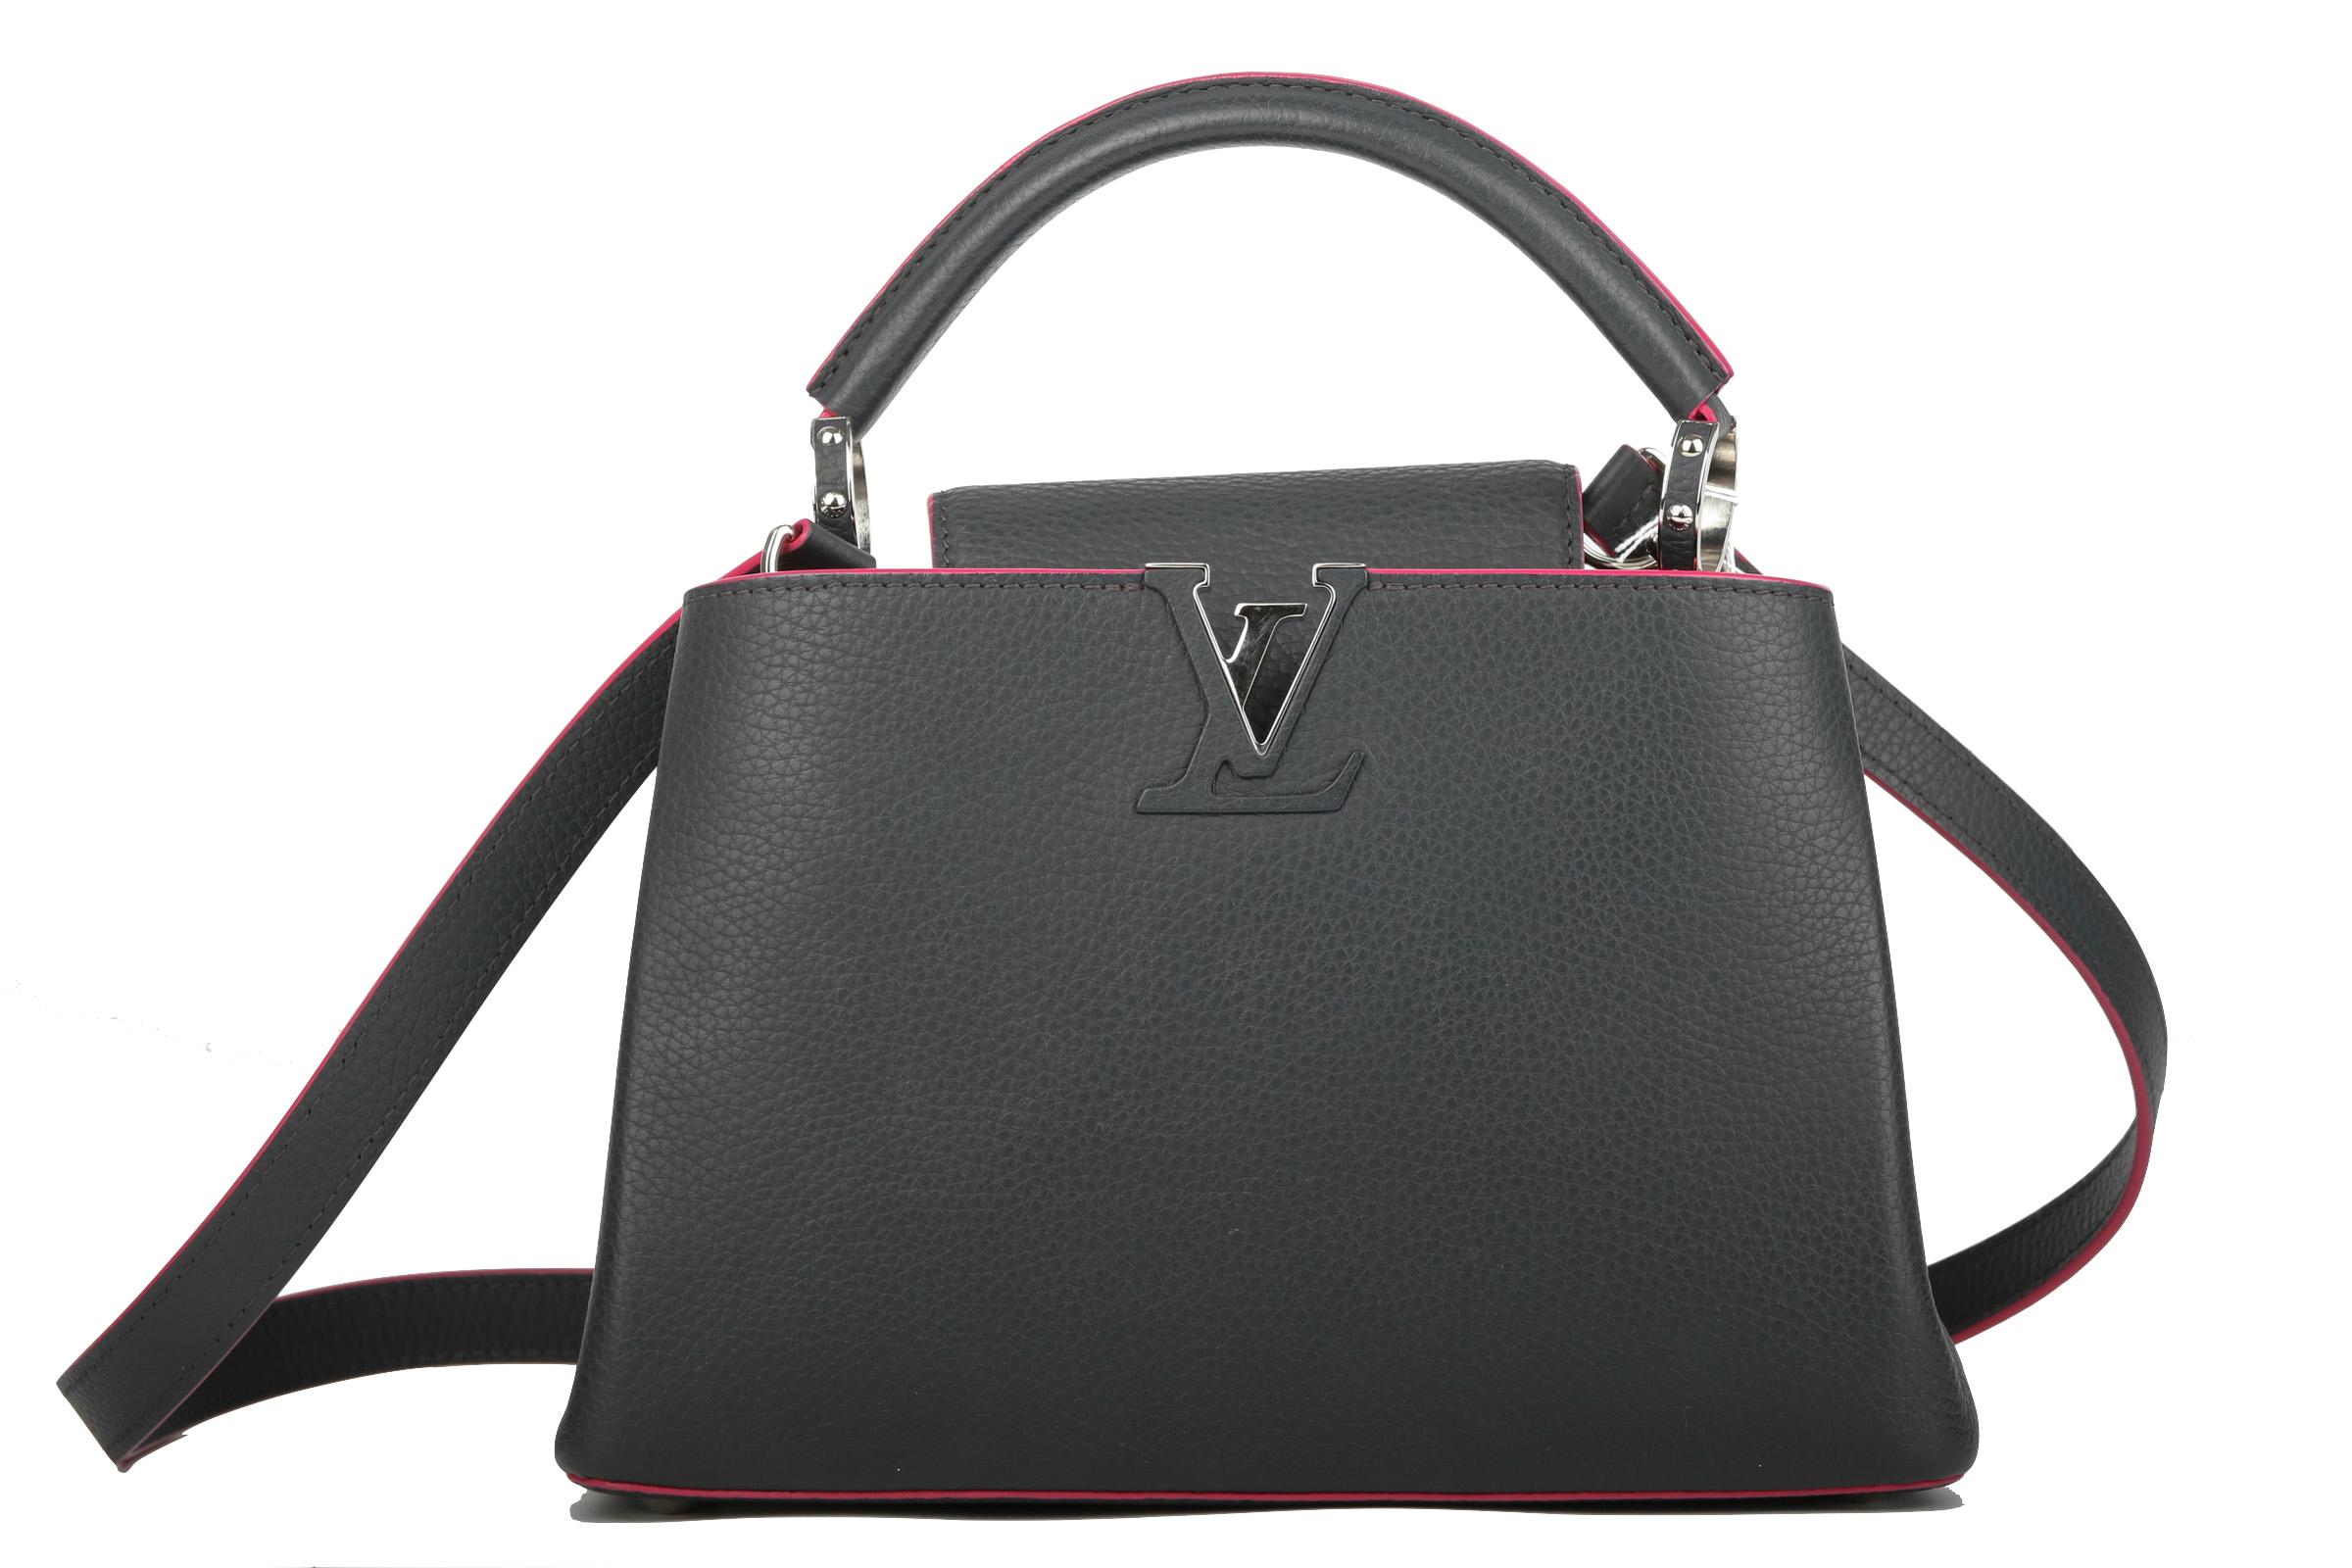 Designer Taschen Louis Vuitton | Louis Vuitton Handtaschen Accessoires Luxussachen Com